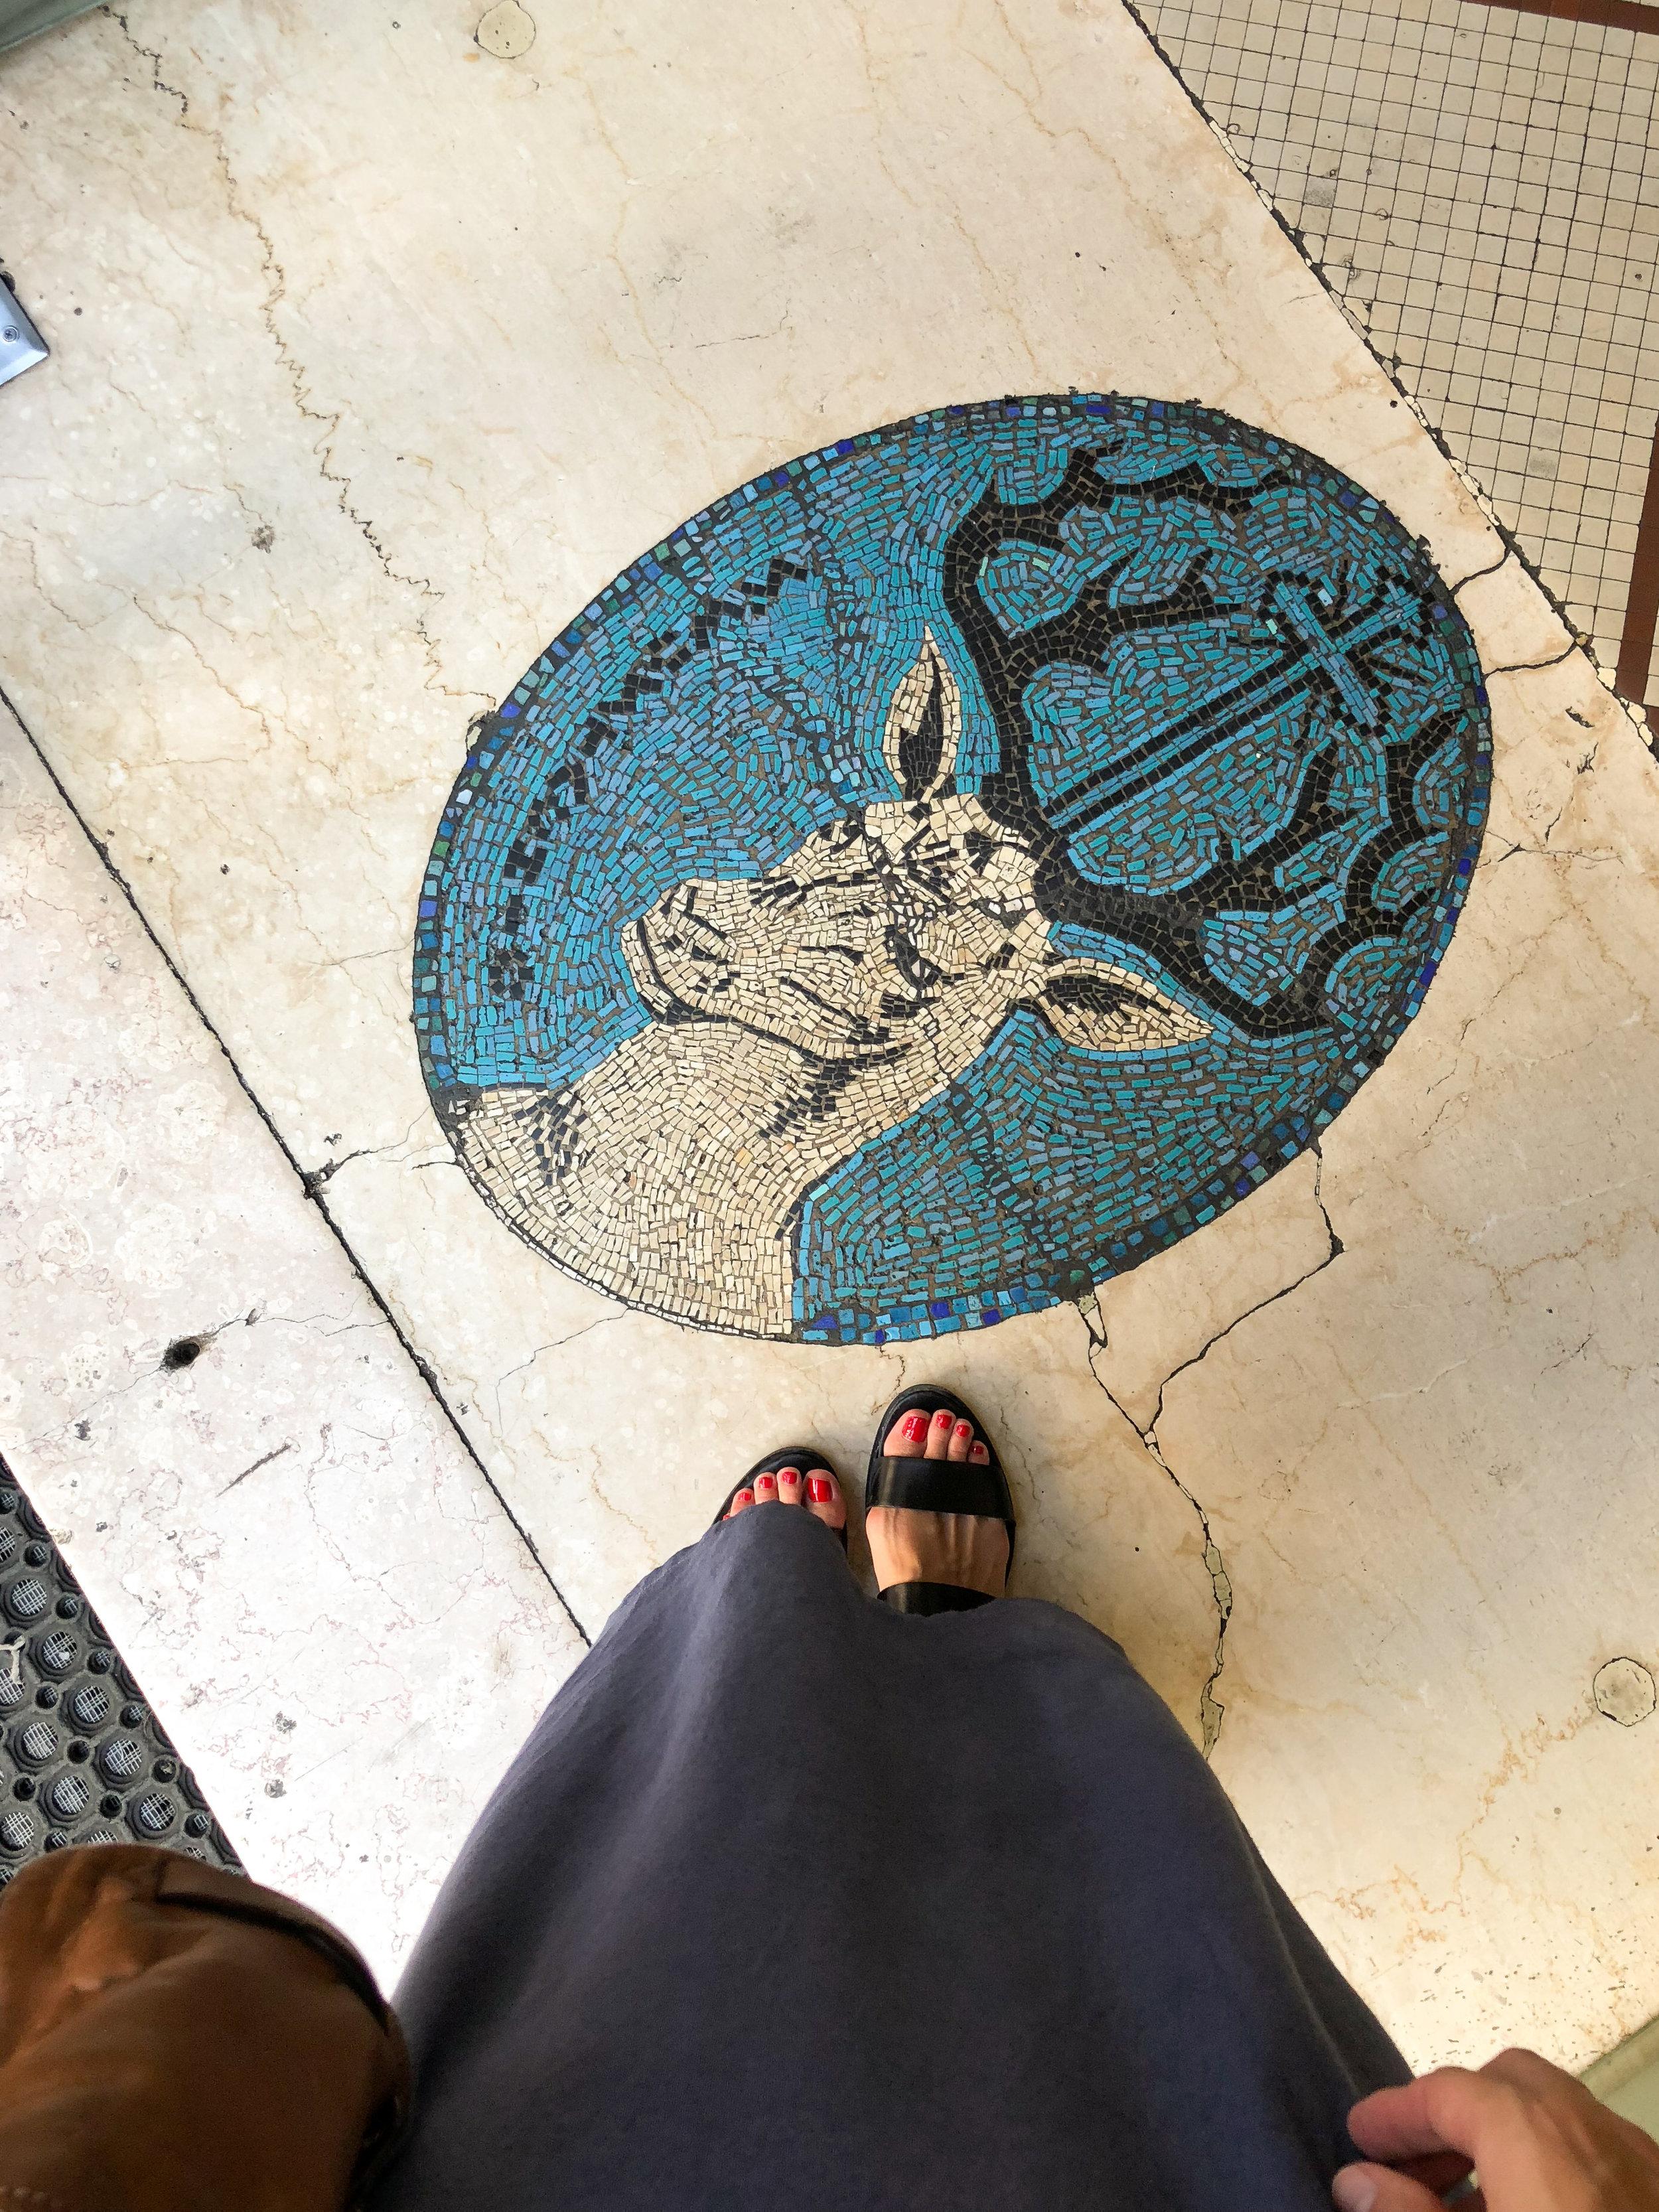 visiting Sant' Eustachio